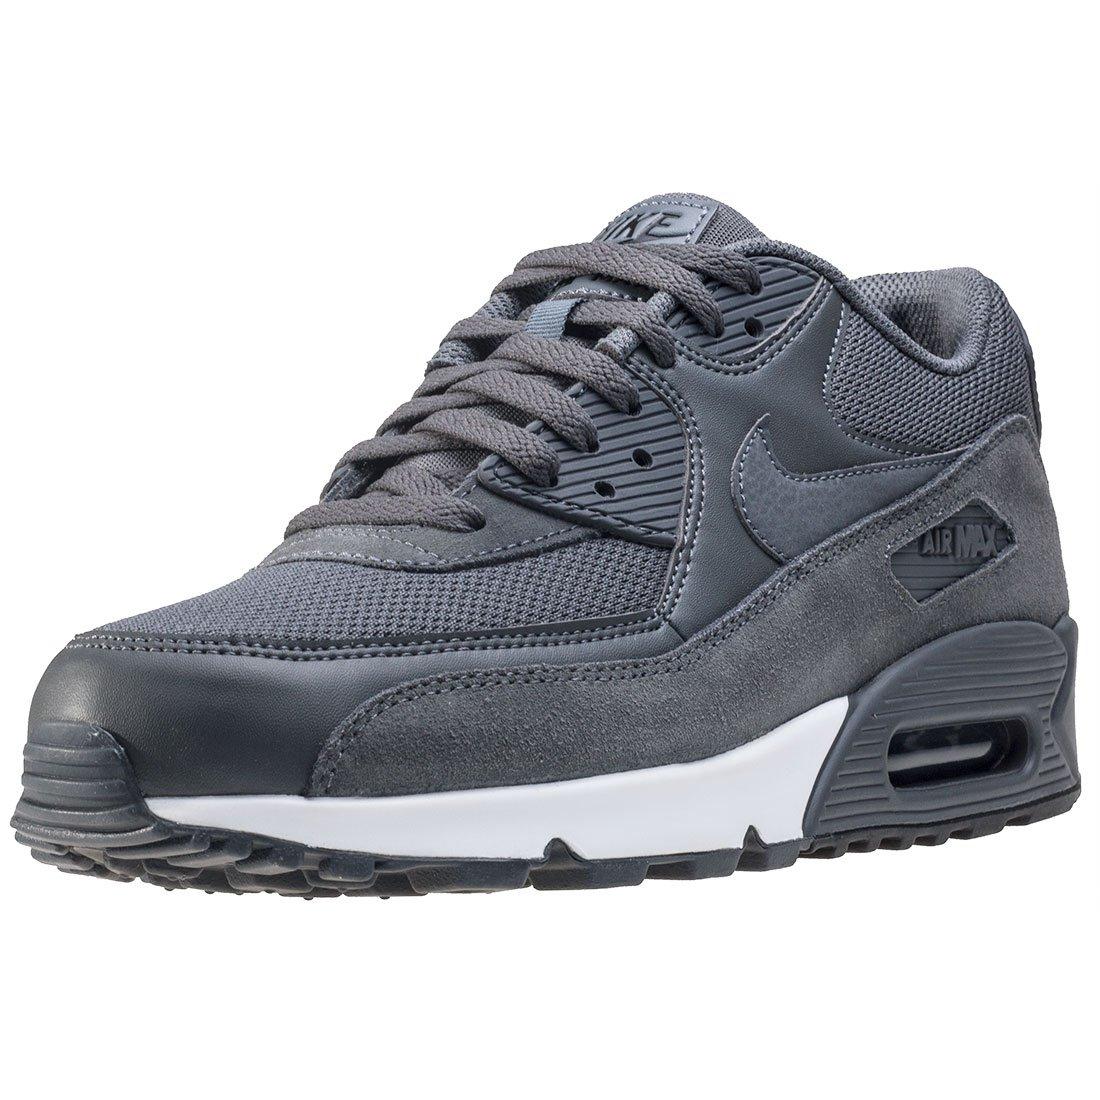 MultiCouleure (Dark gris Dark gris noir blanc 078) 49.5 EU Nike Air Max 90 Essential, Chaussures de FonctionneHommest EntraineHommest Homme